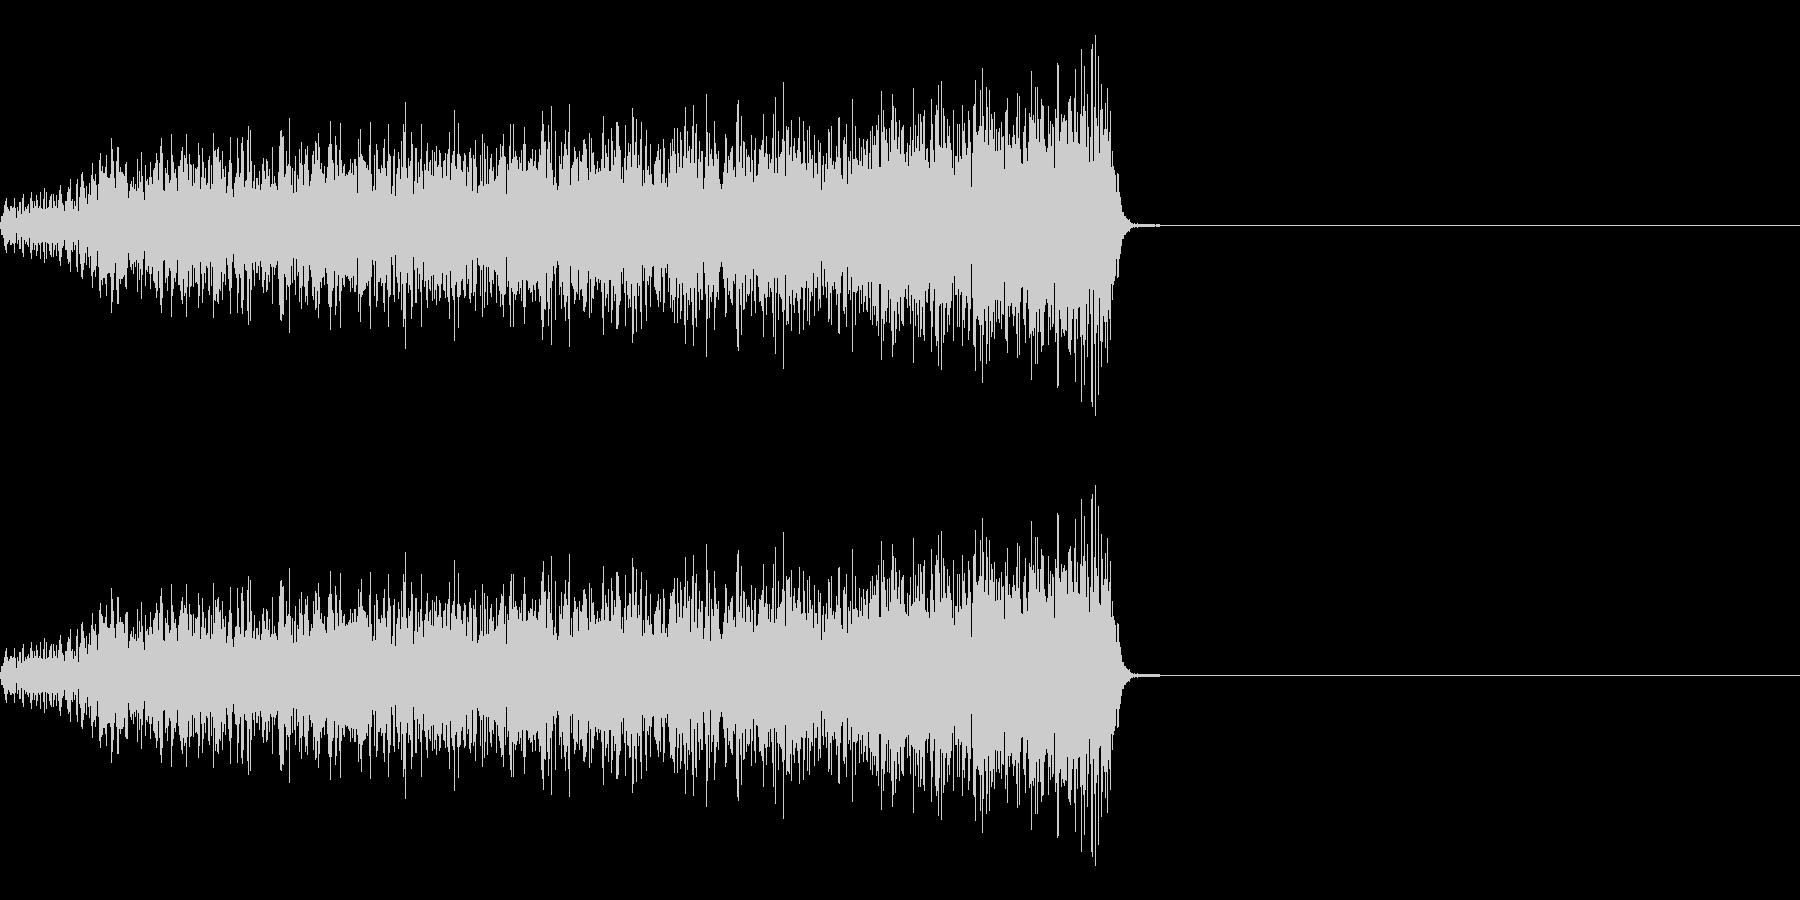 「シュー」という感じのノイズサウンドで…の未再生の波形